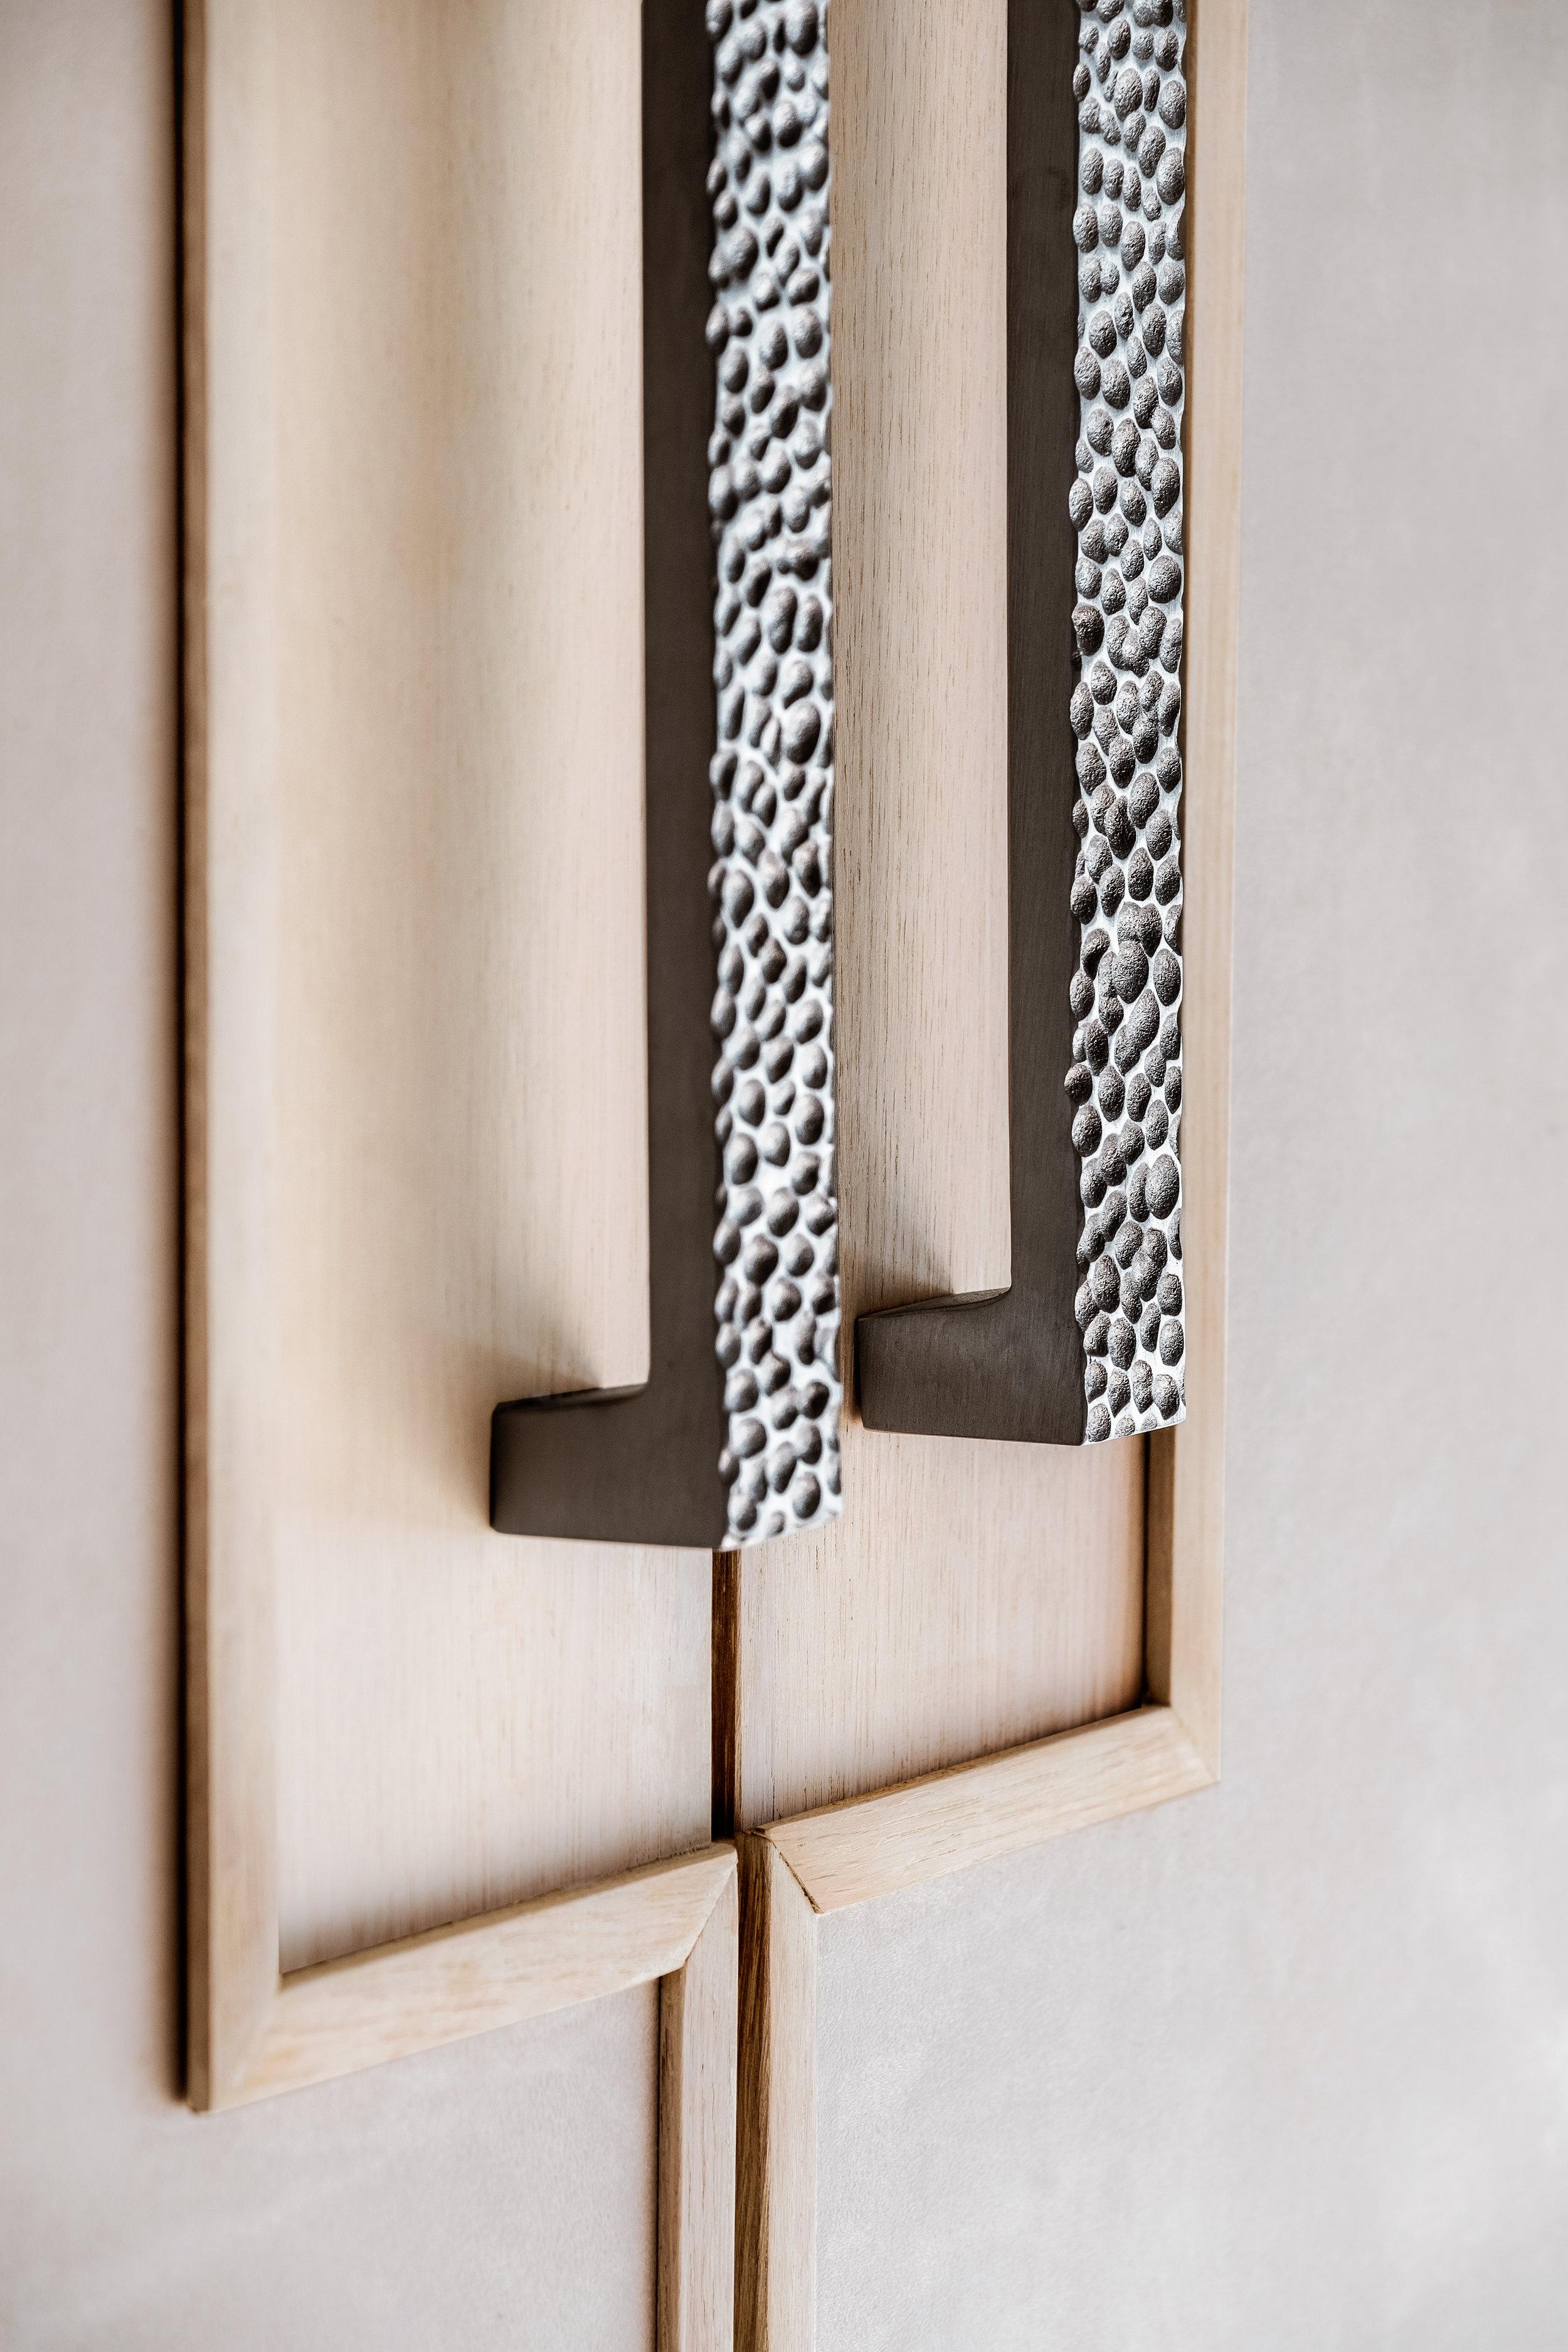 Rachel Usher Interior Design - Bespoke Joinery Design